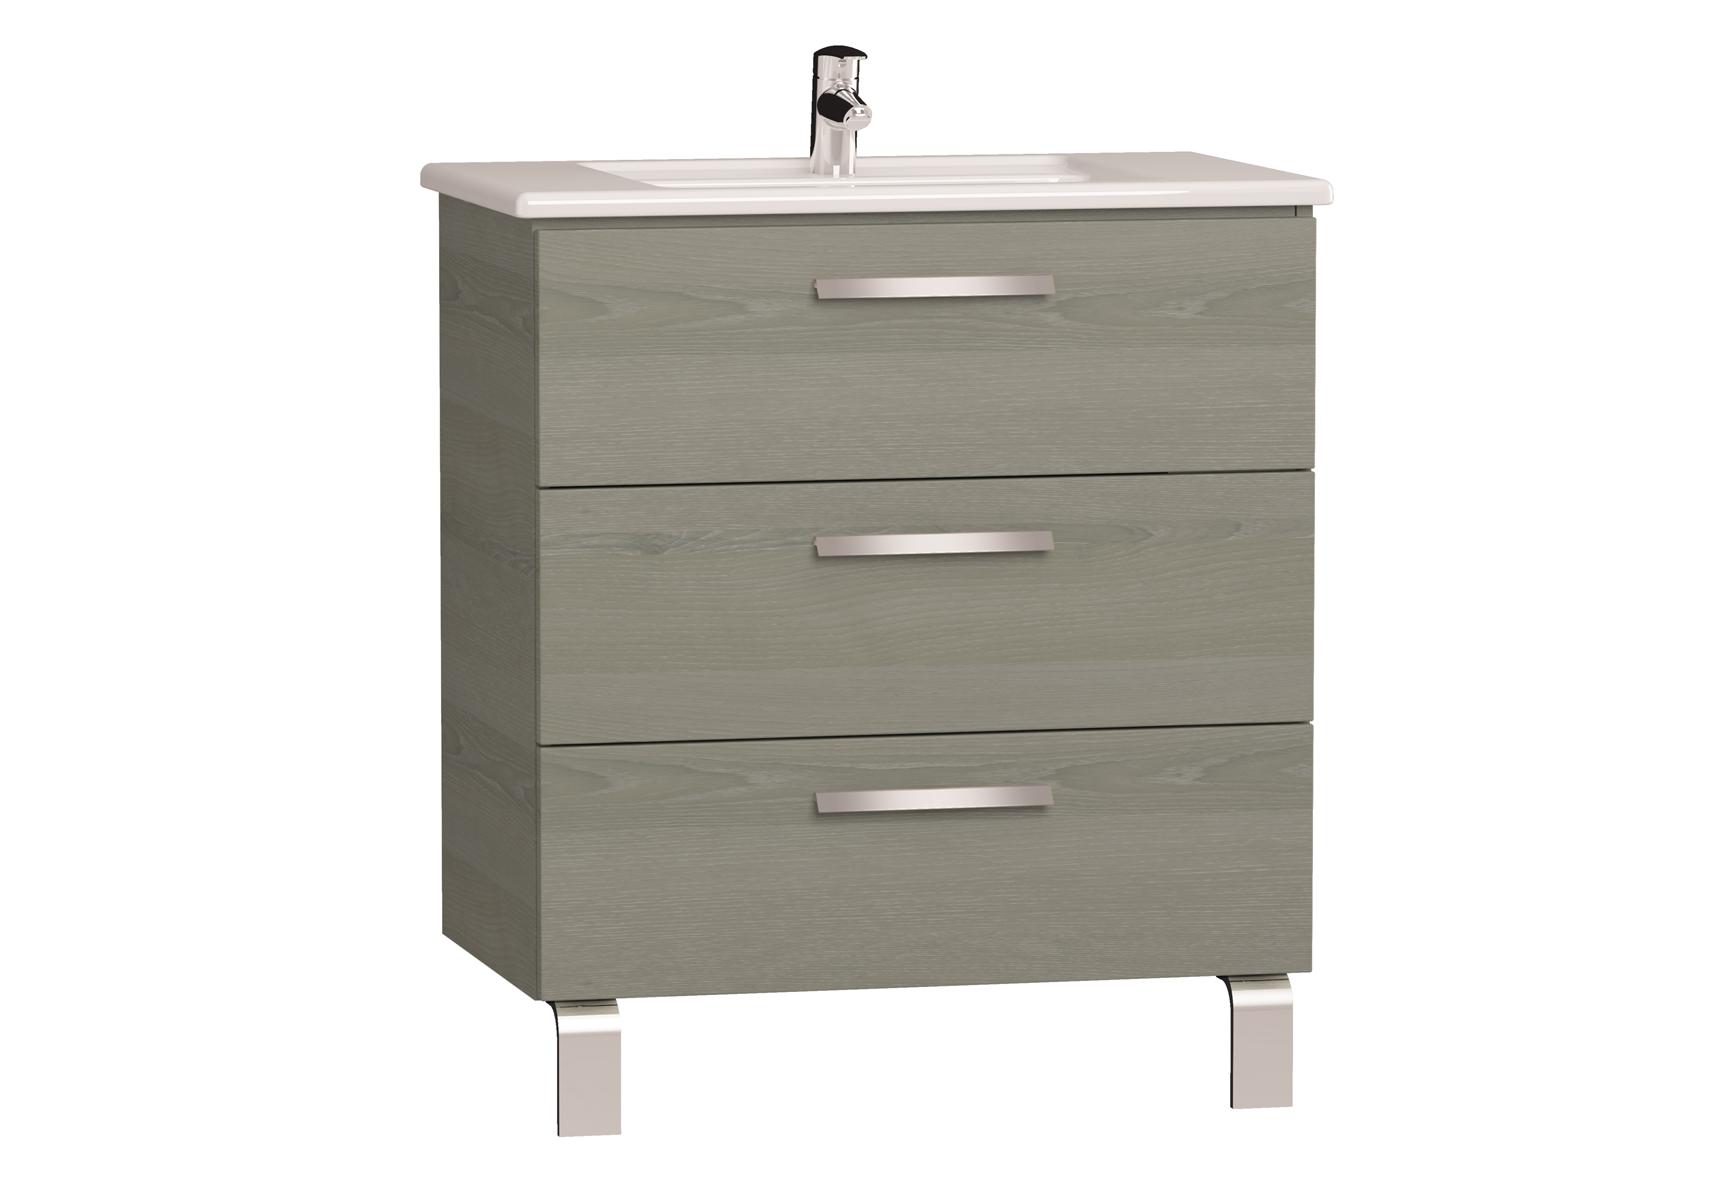 Integra meuble avec plan céramique avec trois tiroirs, 80 cm, chêne gris naturel